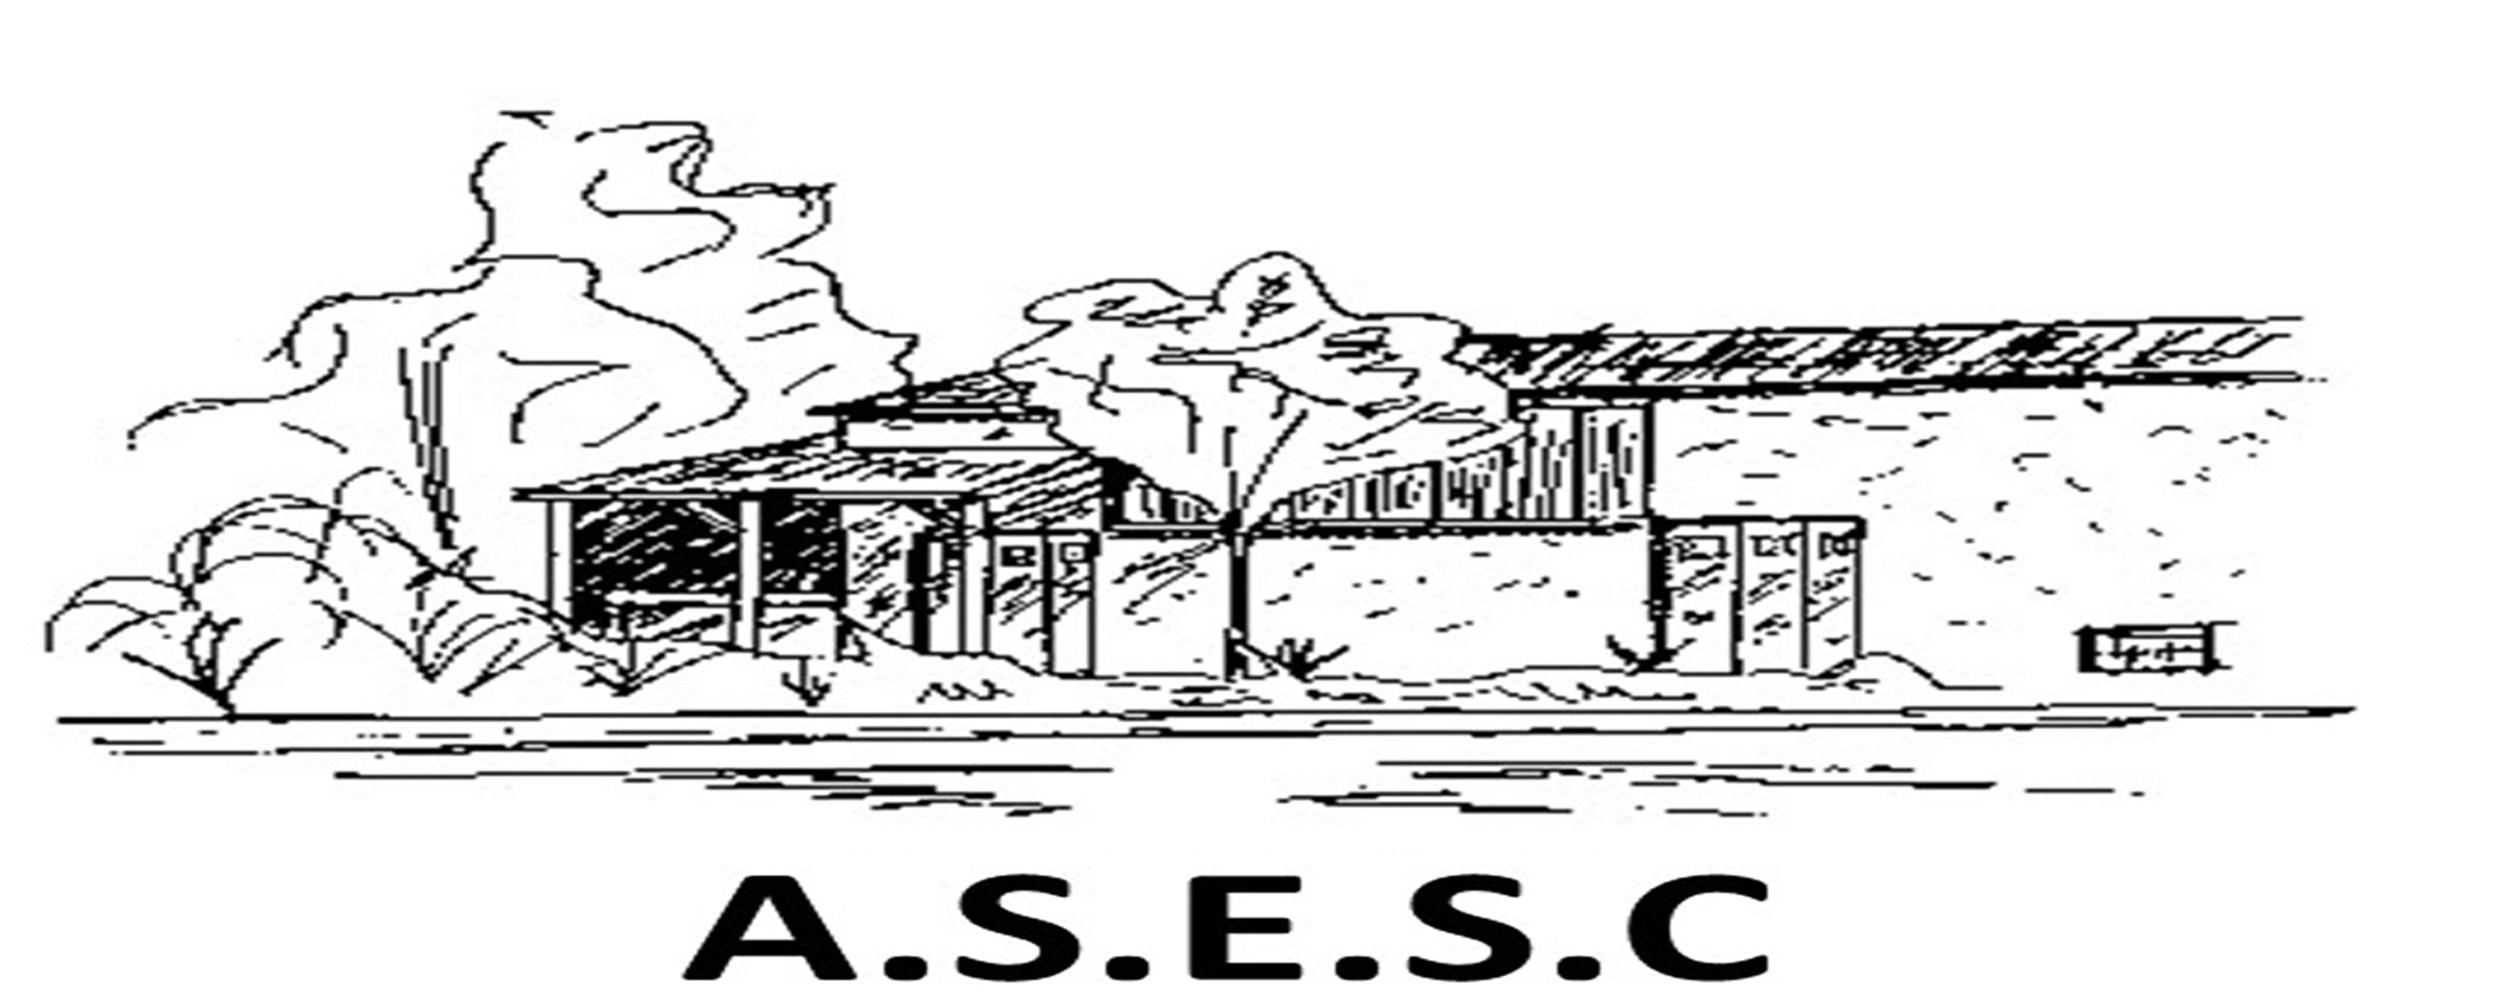 A.S.E.S.C Serpaize